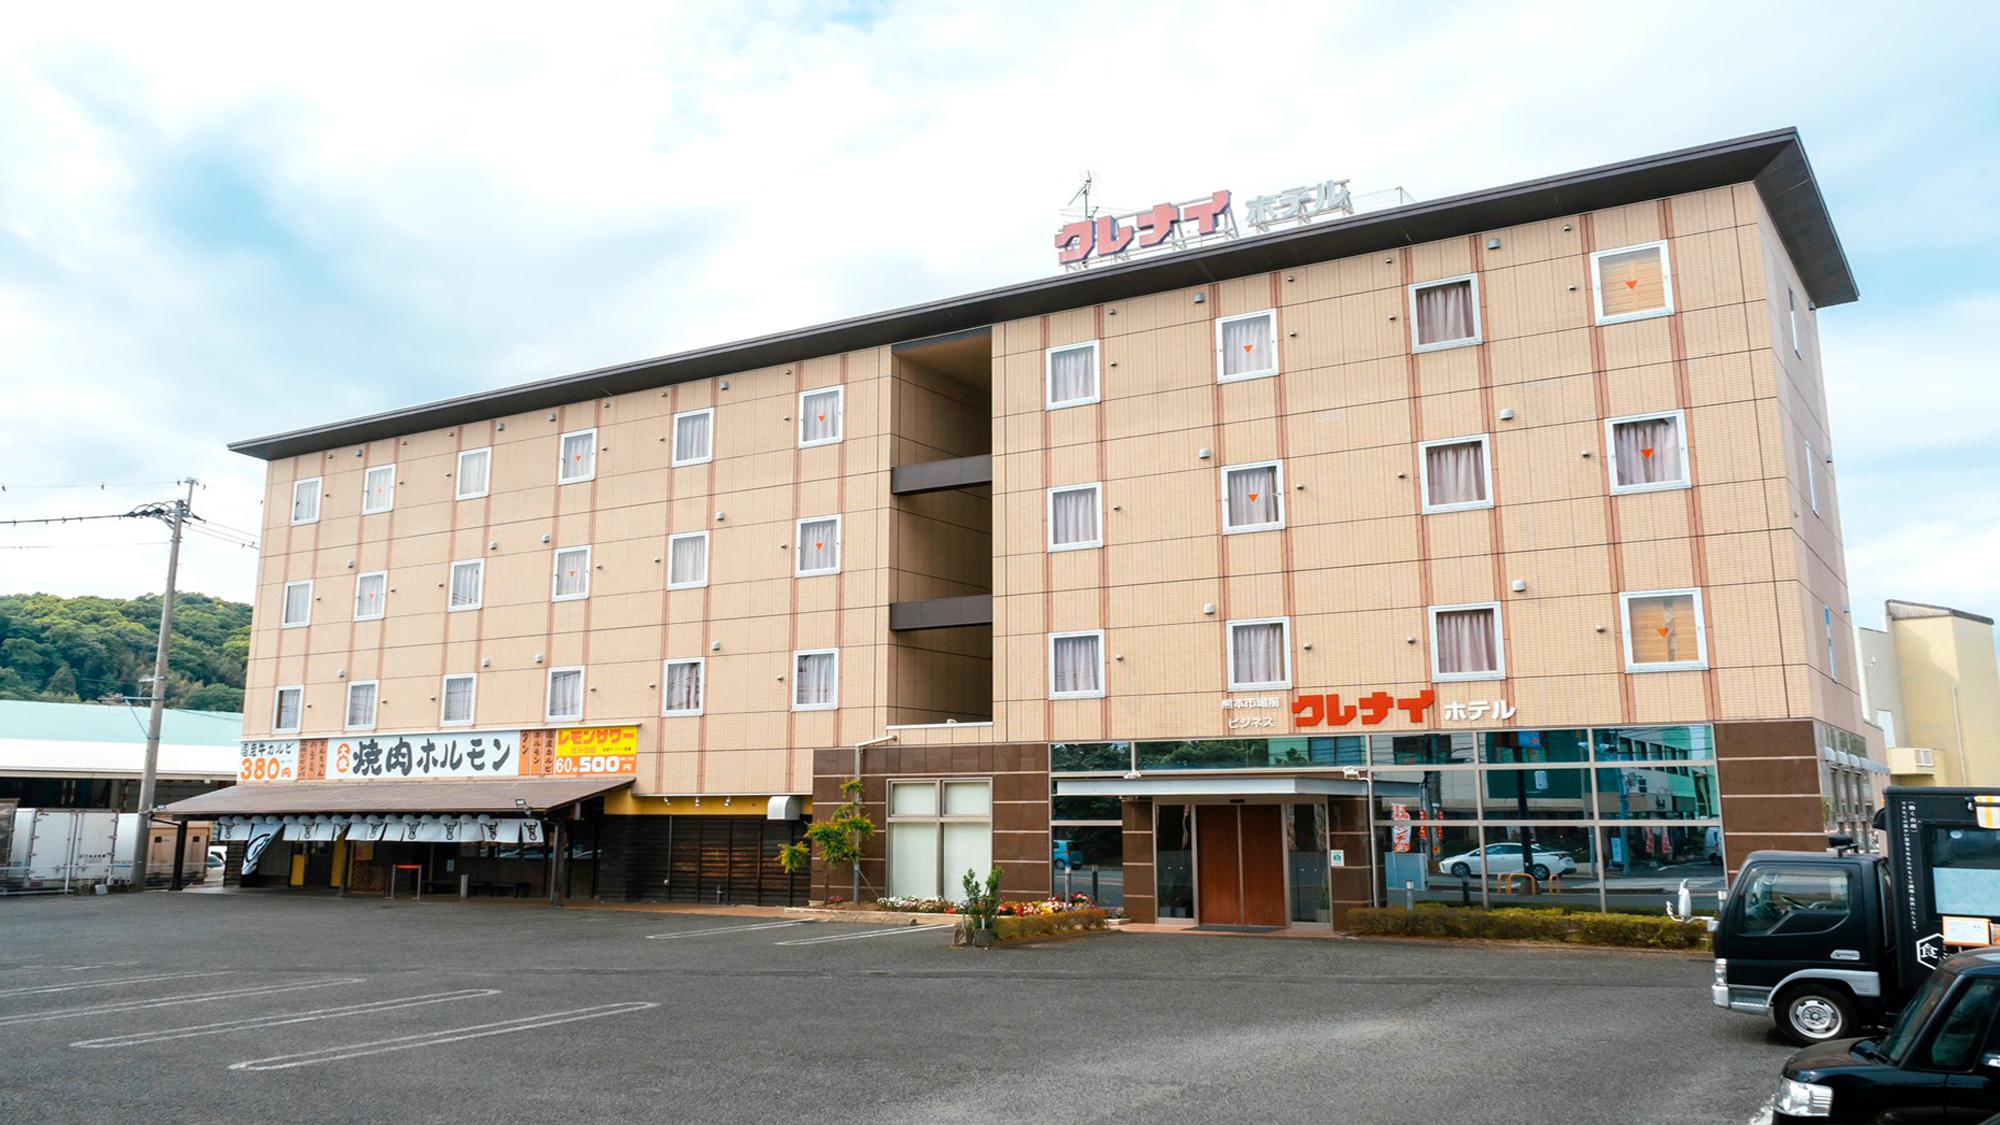 熊本市場前 ビジネス クレナイホテル